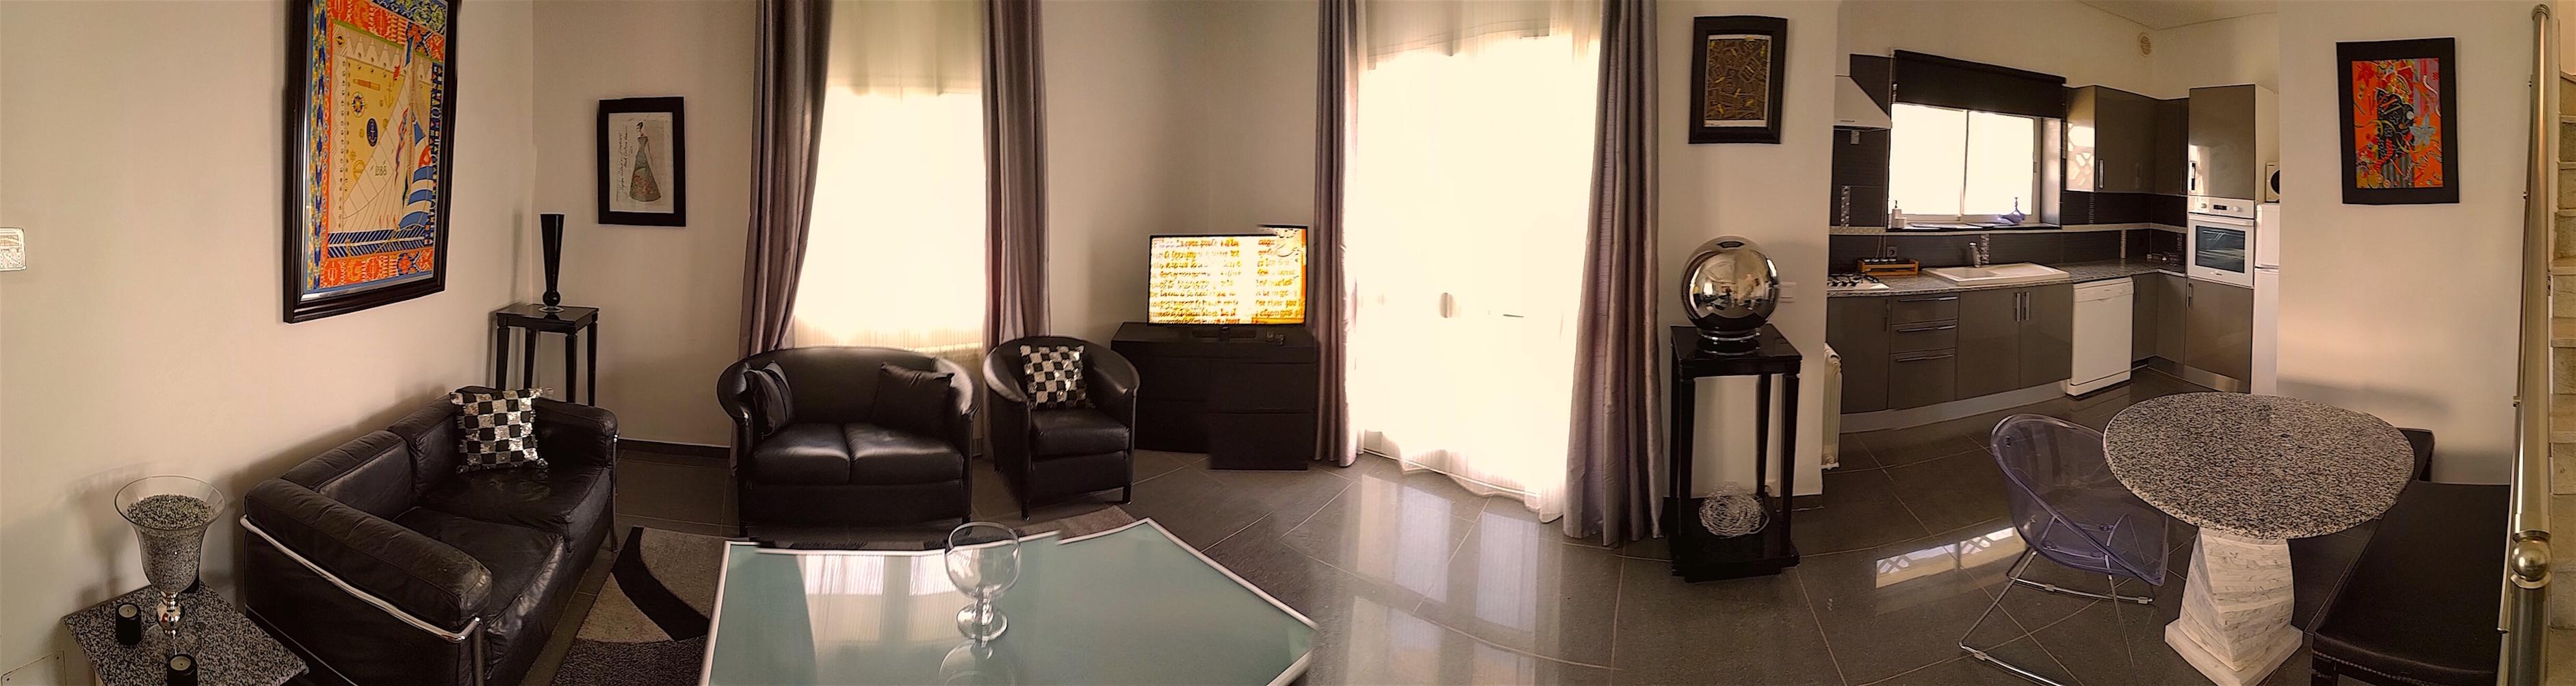 Appartement Nagi : 360 TND/120€ (du 01 octobre au 15 juin)           390 TND/130€ (du 16 juin au 30 septembre)